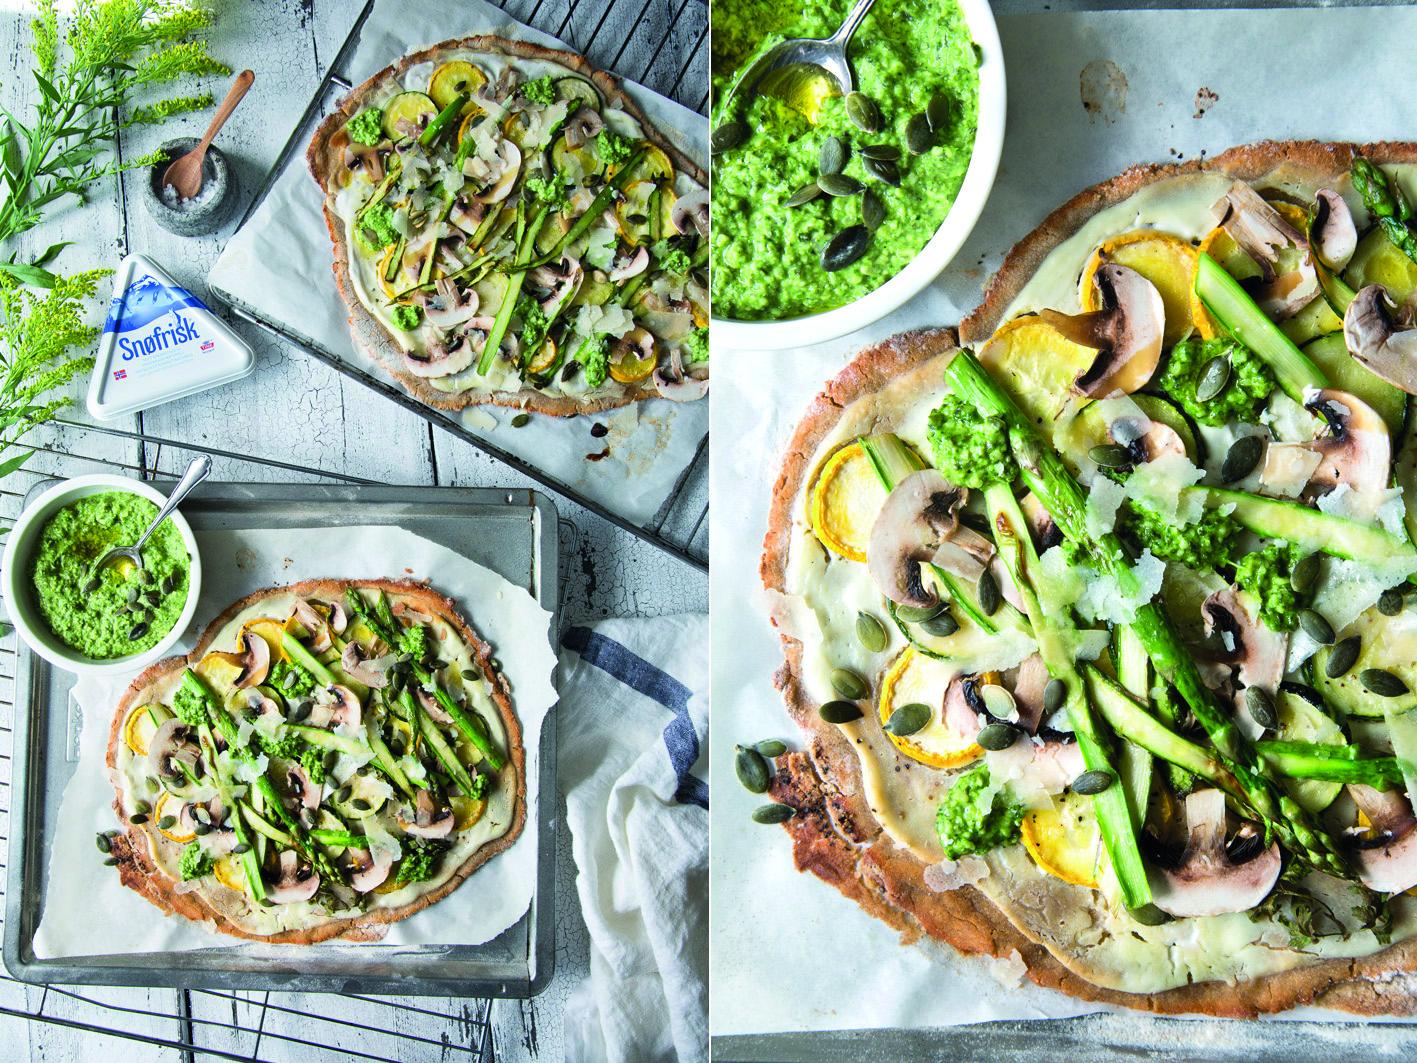 Gemüse-Flammkuchen mit Zucchini und Spargel